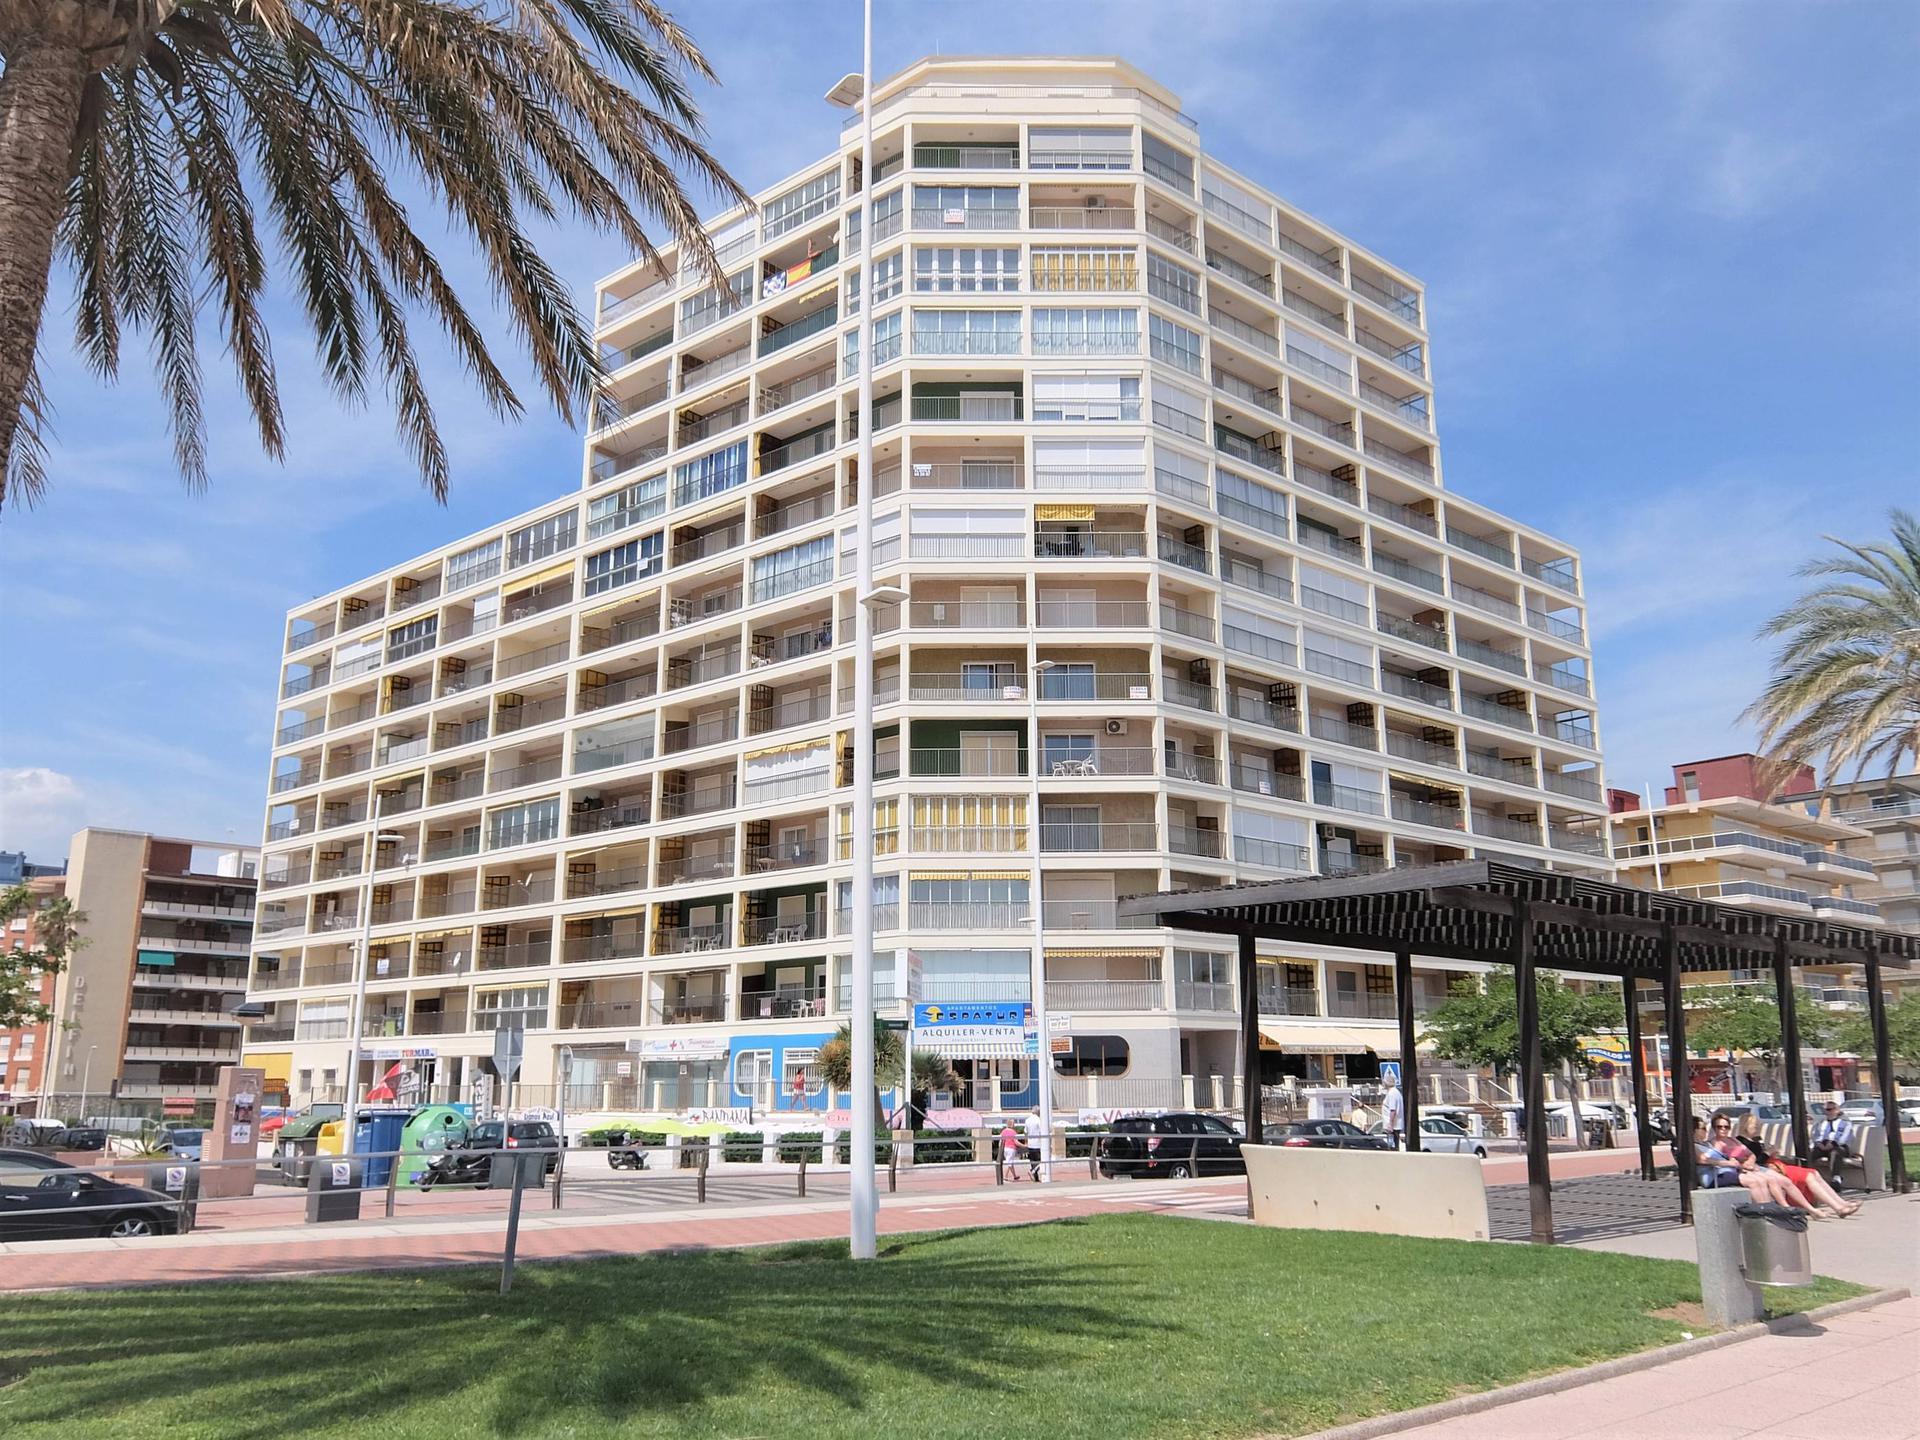 Apartament -                                       Gandia -                                       1 dormitoris -                                       4 ocupants